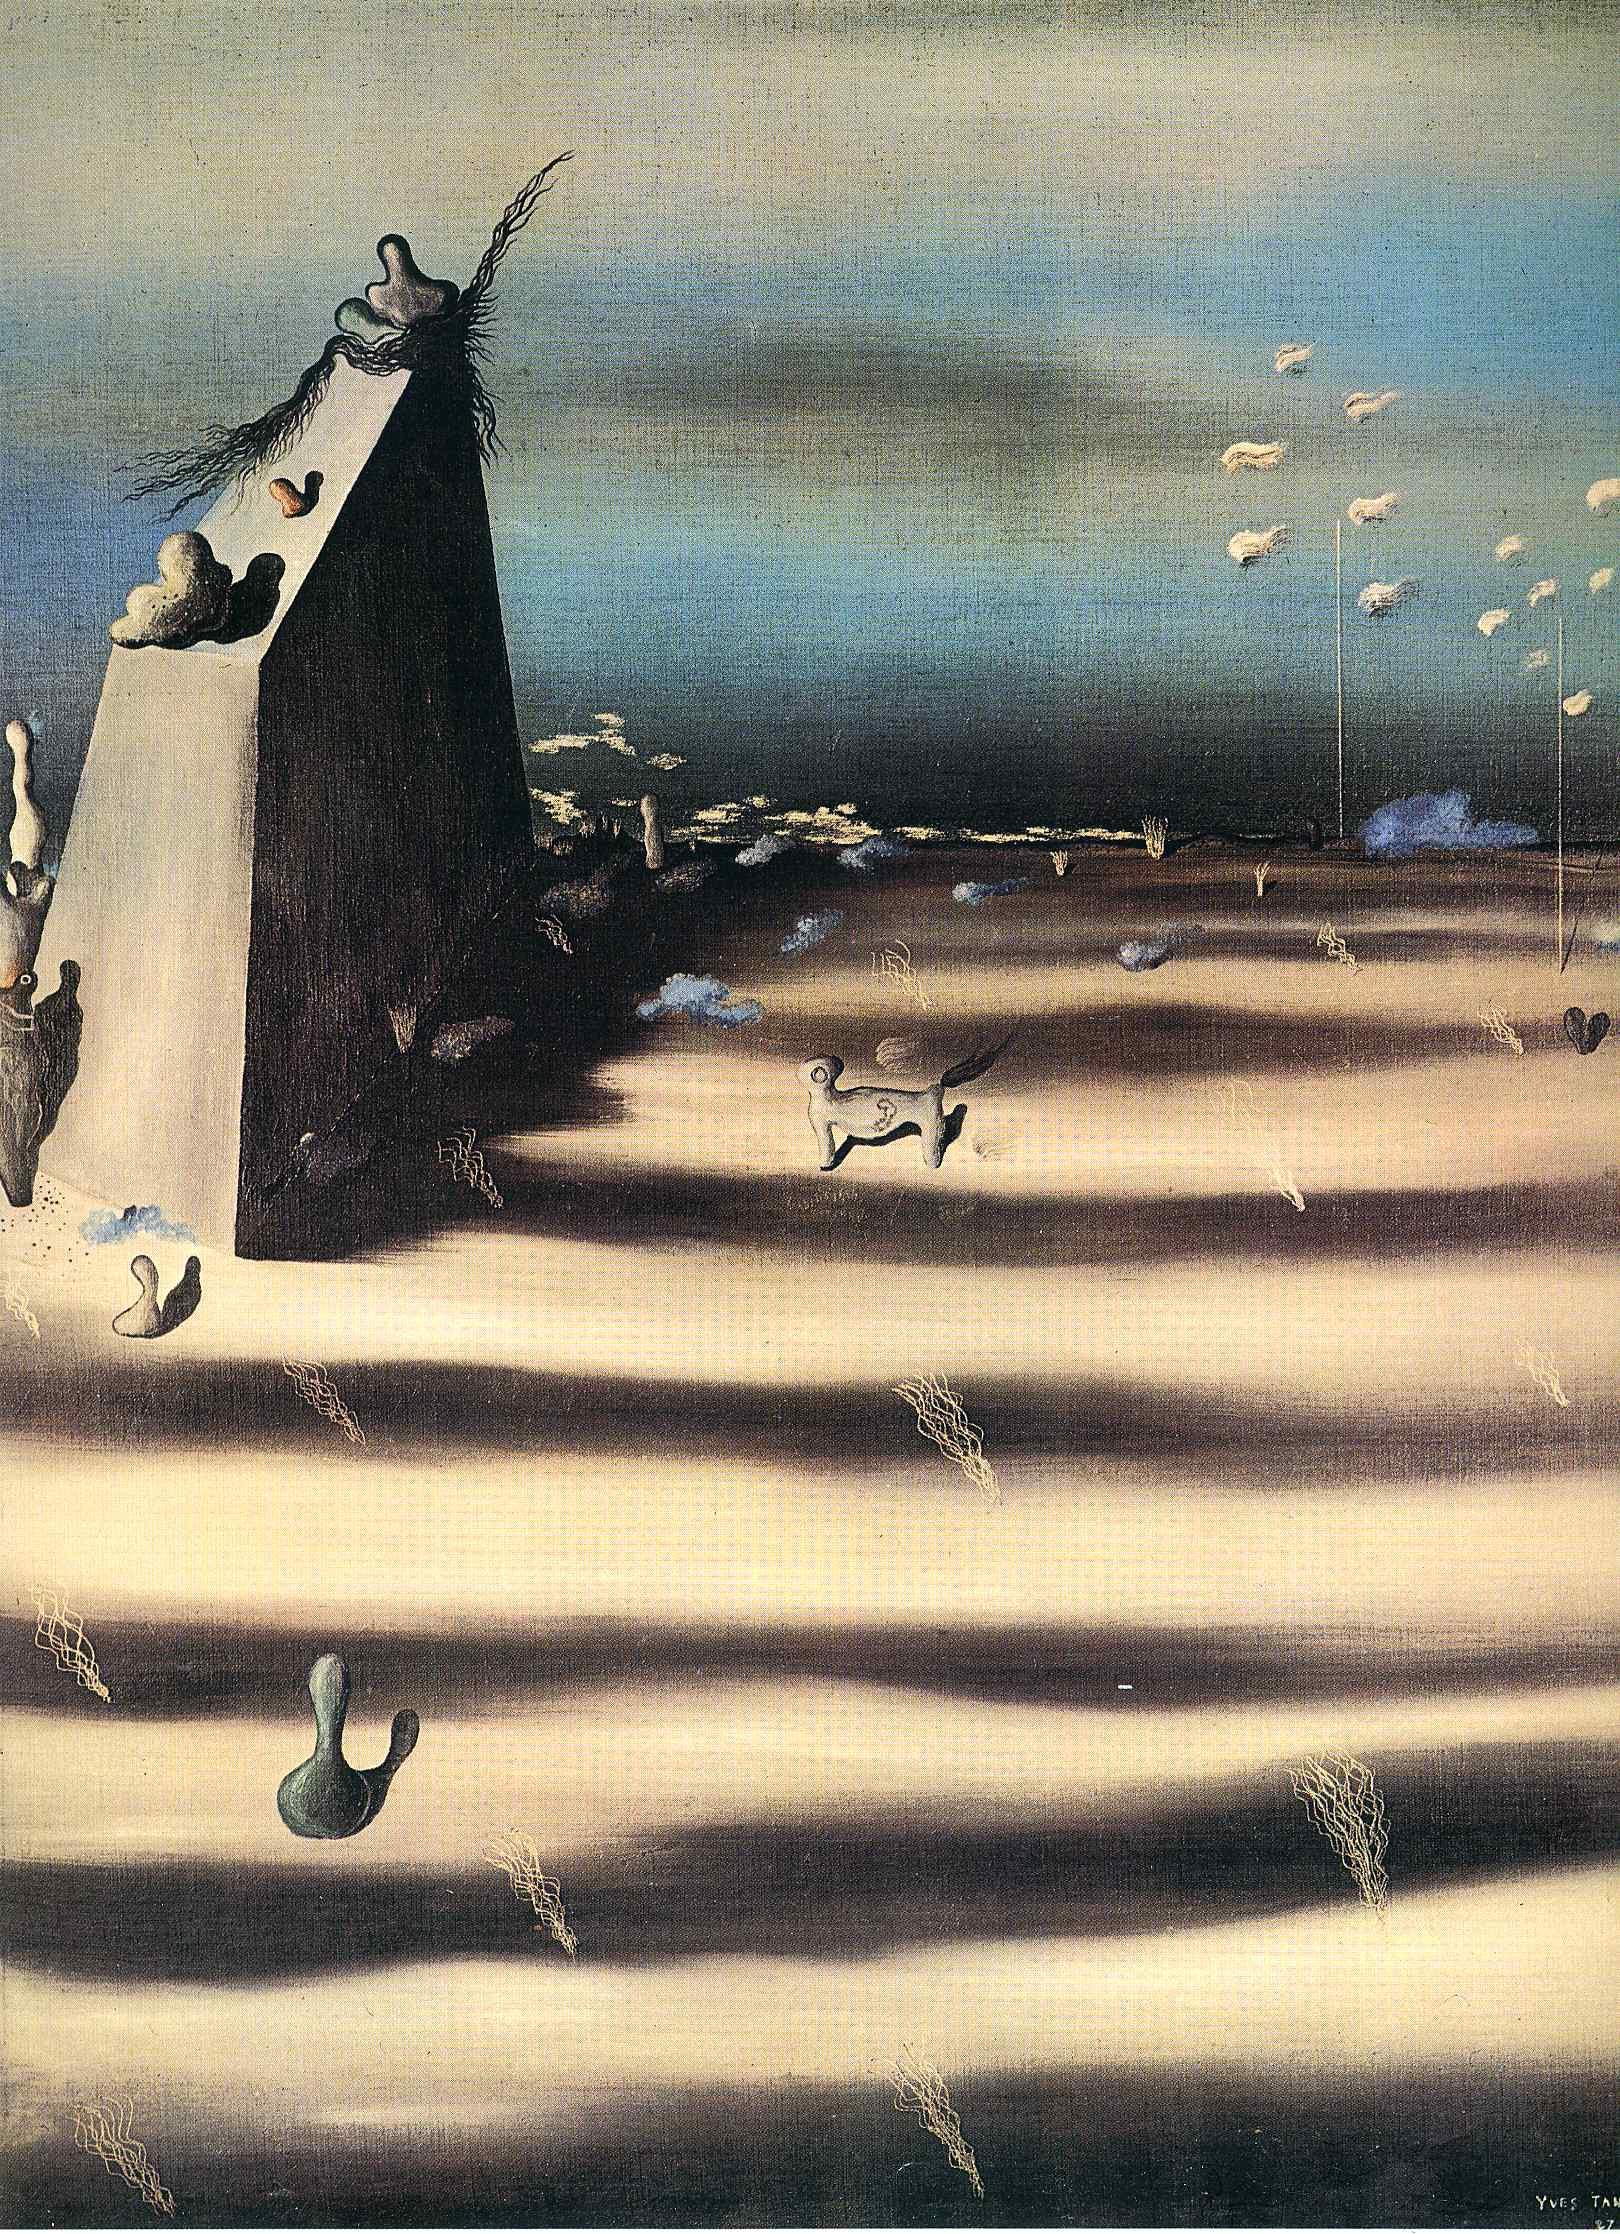 Большая картина с пейзажем - Ив Танги - WikiArt.